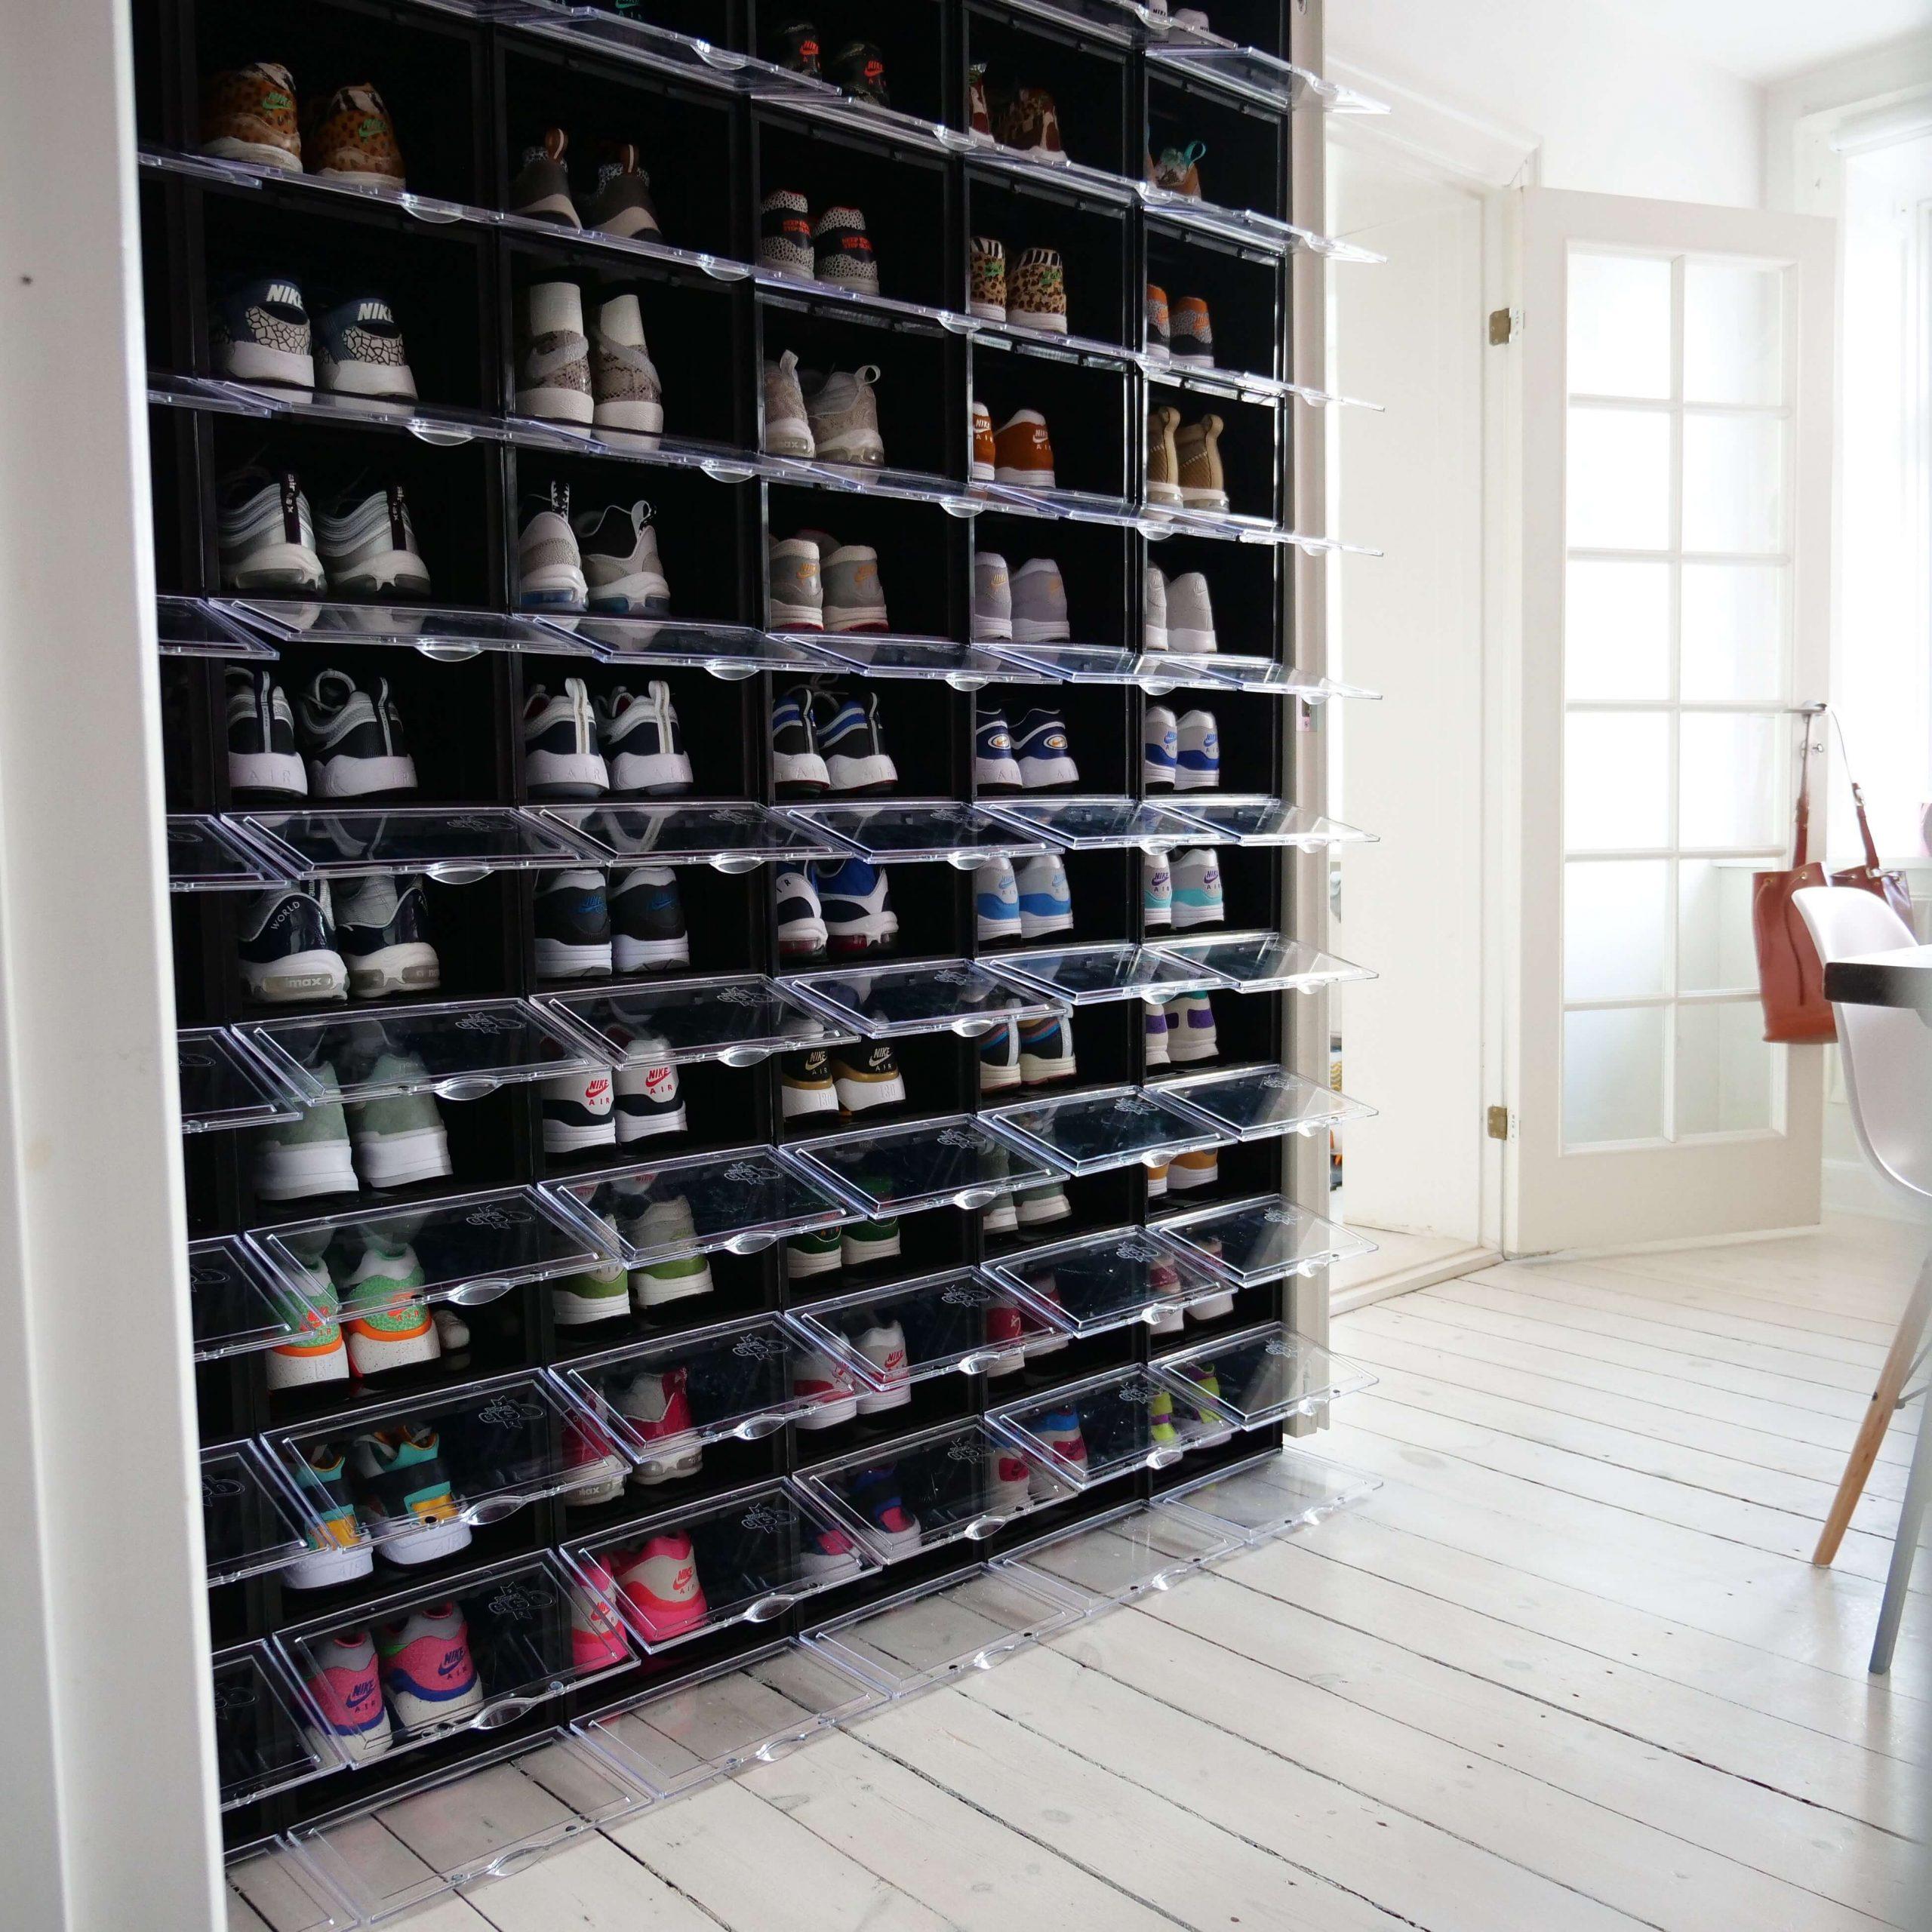 Busterhede sneakerfreak Sneakerplaats interview